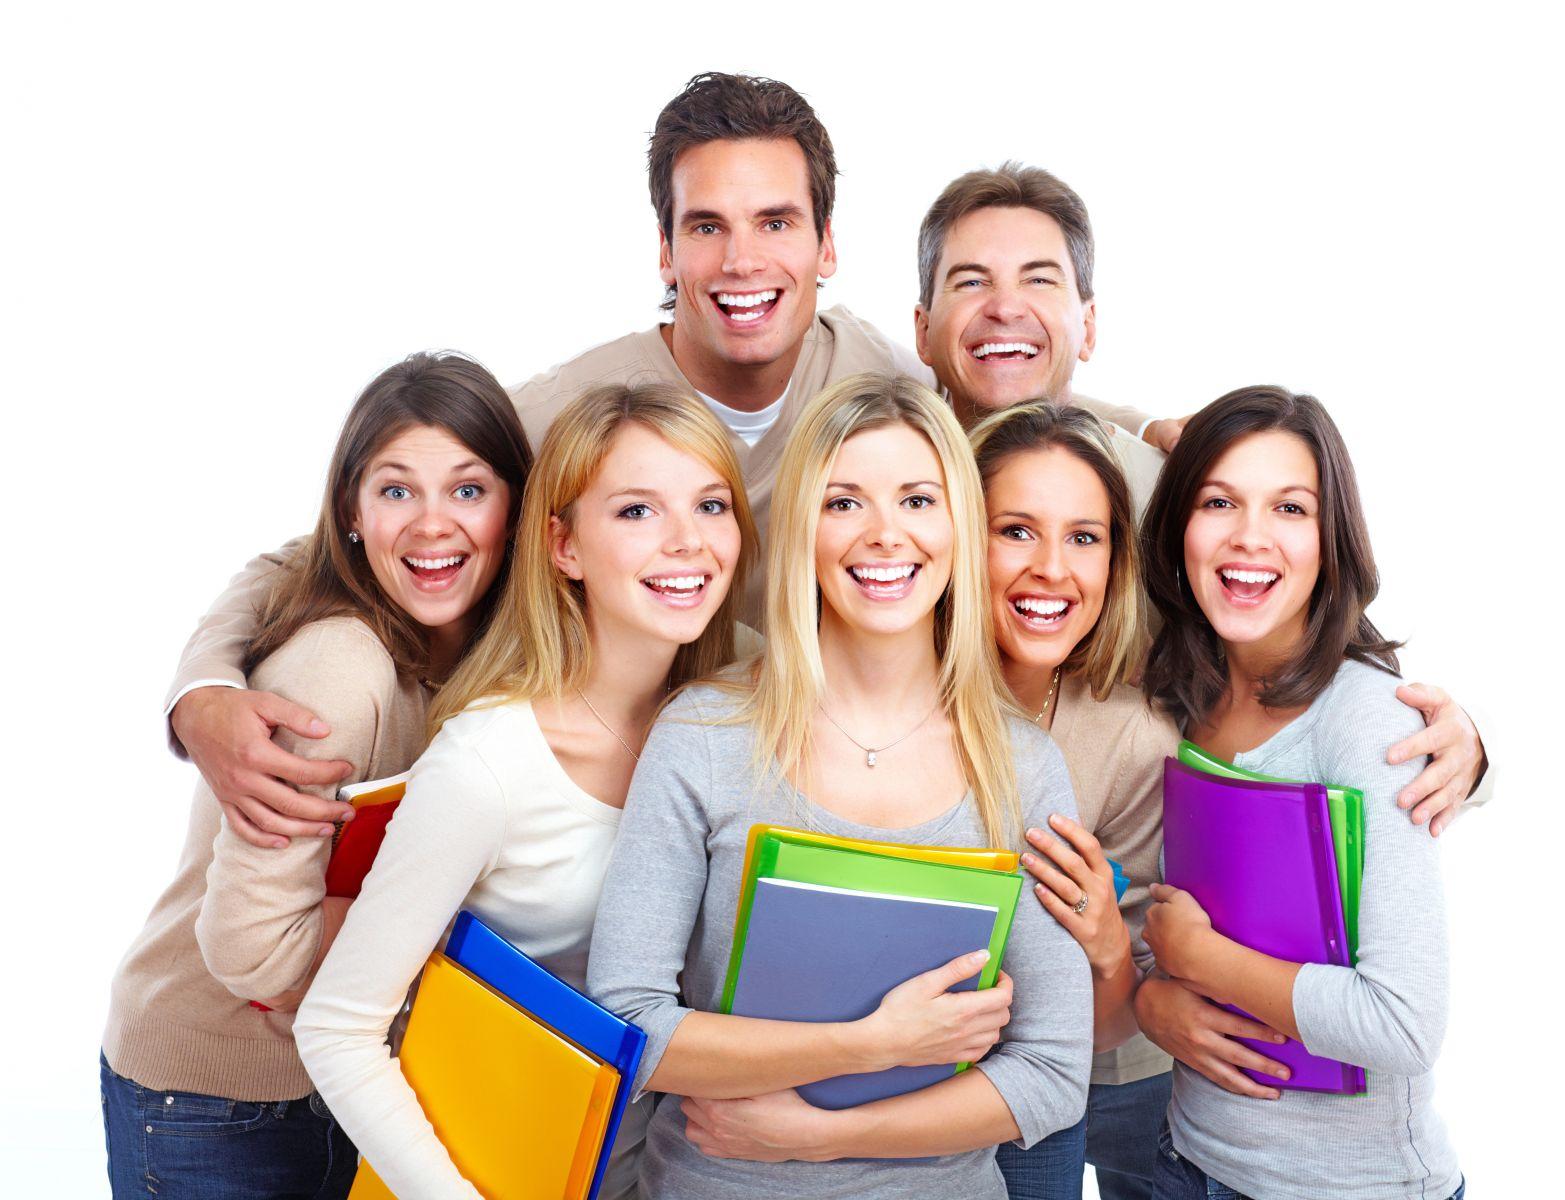 Как успешно сдать экзамен или студенческие приметы и суеверия